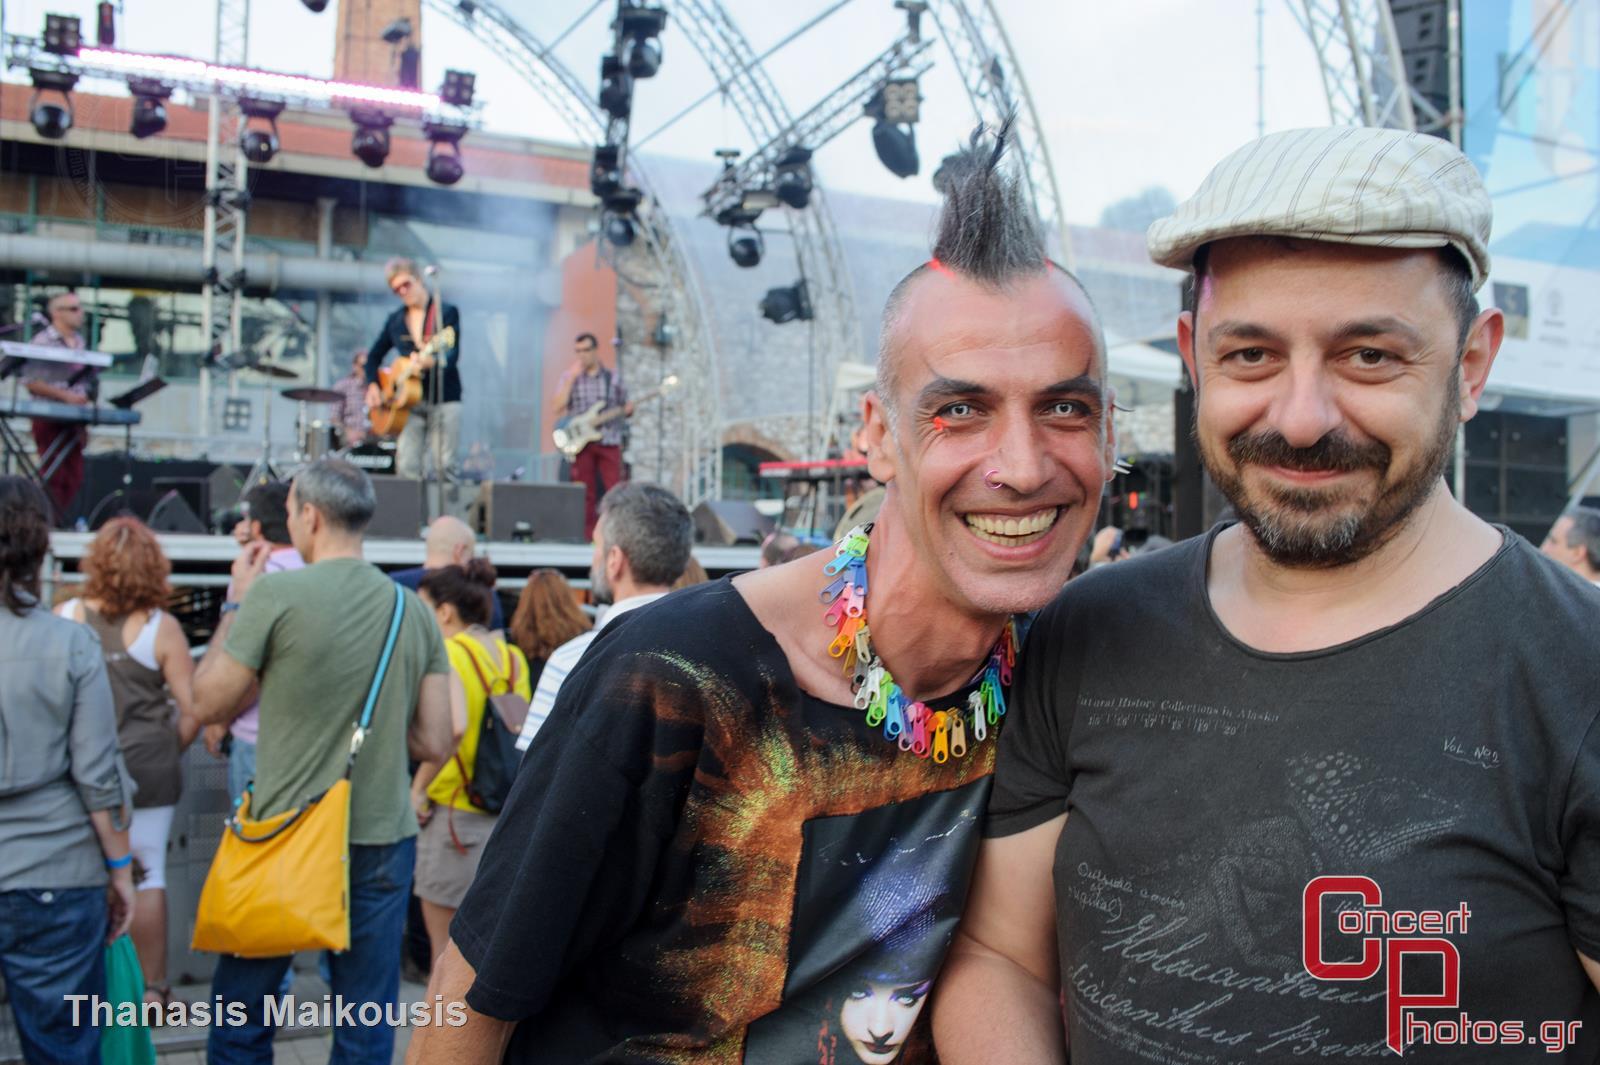 En Lefko 2014-En Lefko 2014 photographer: Thanasis Maikousis - concertphotos_20140621_20_31_40